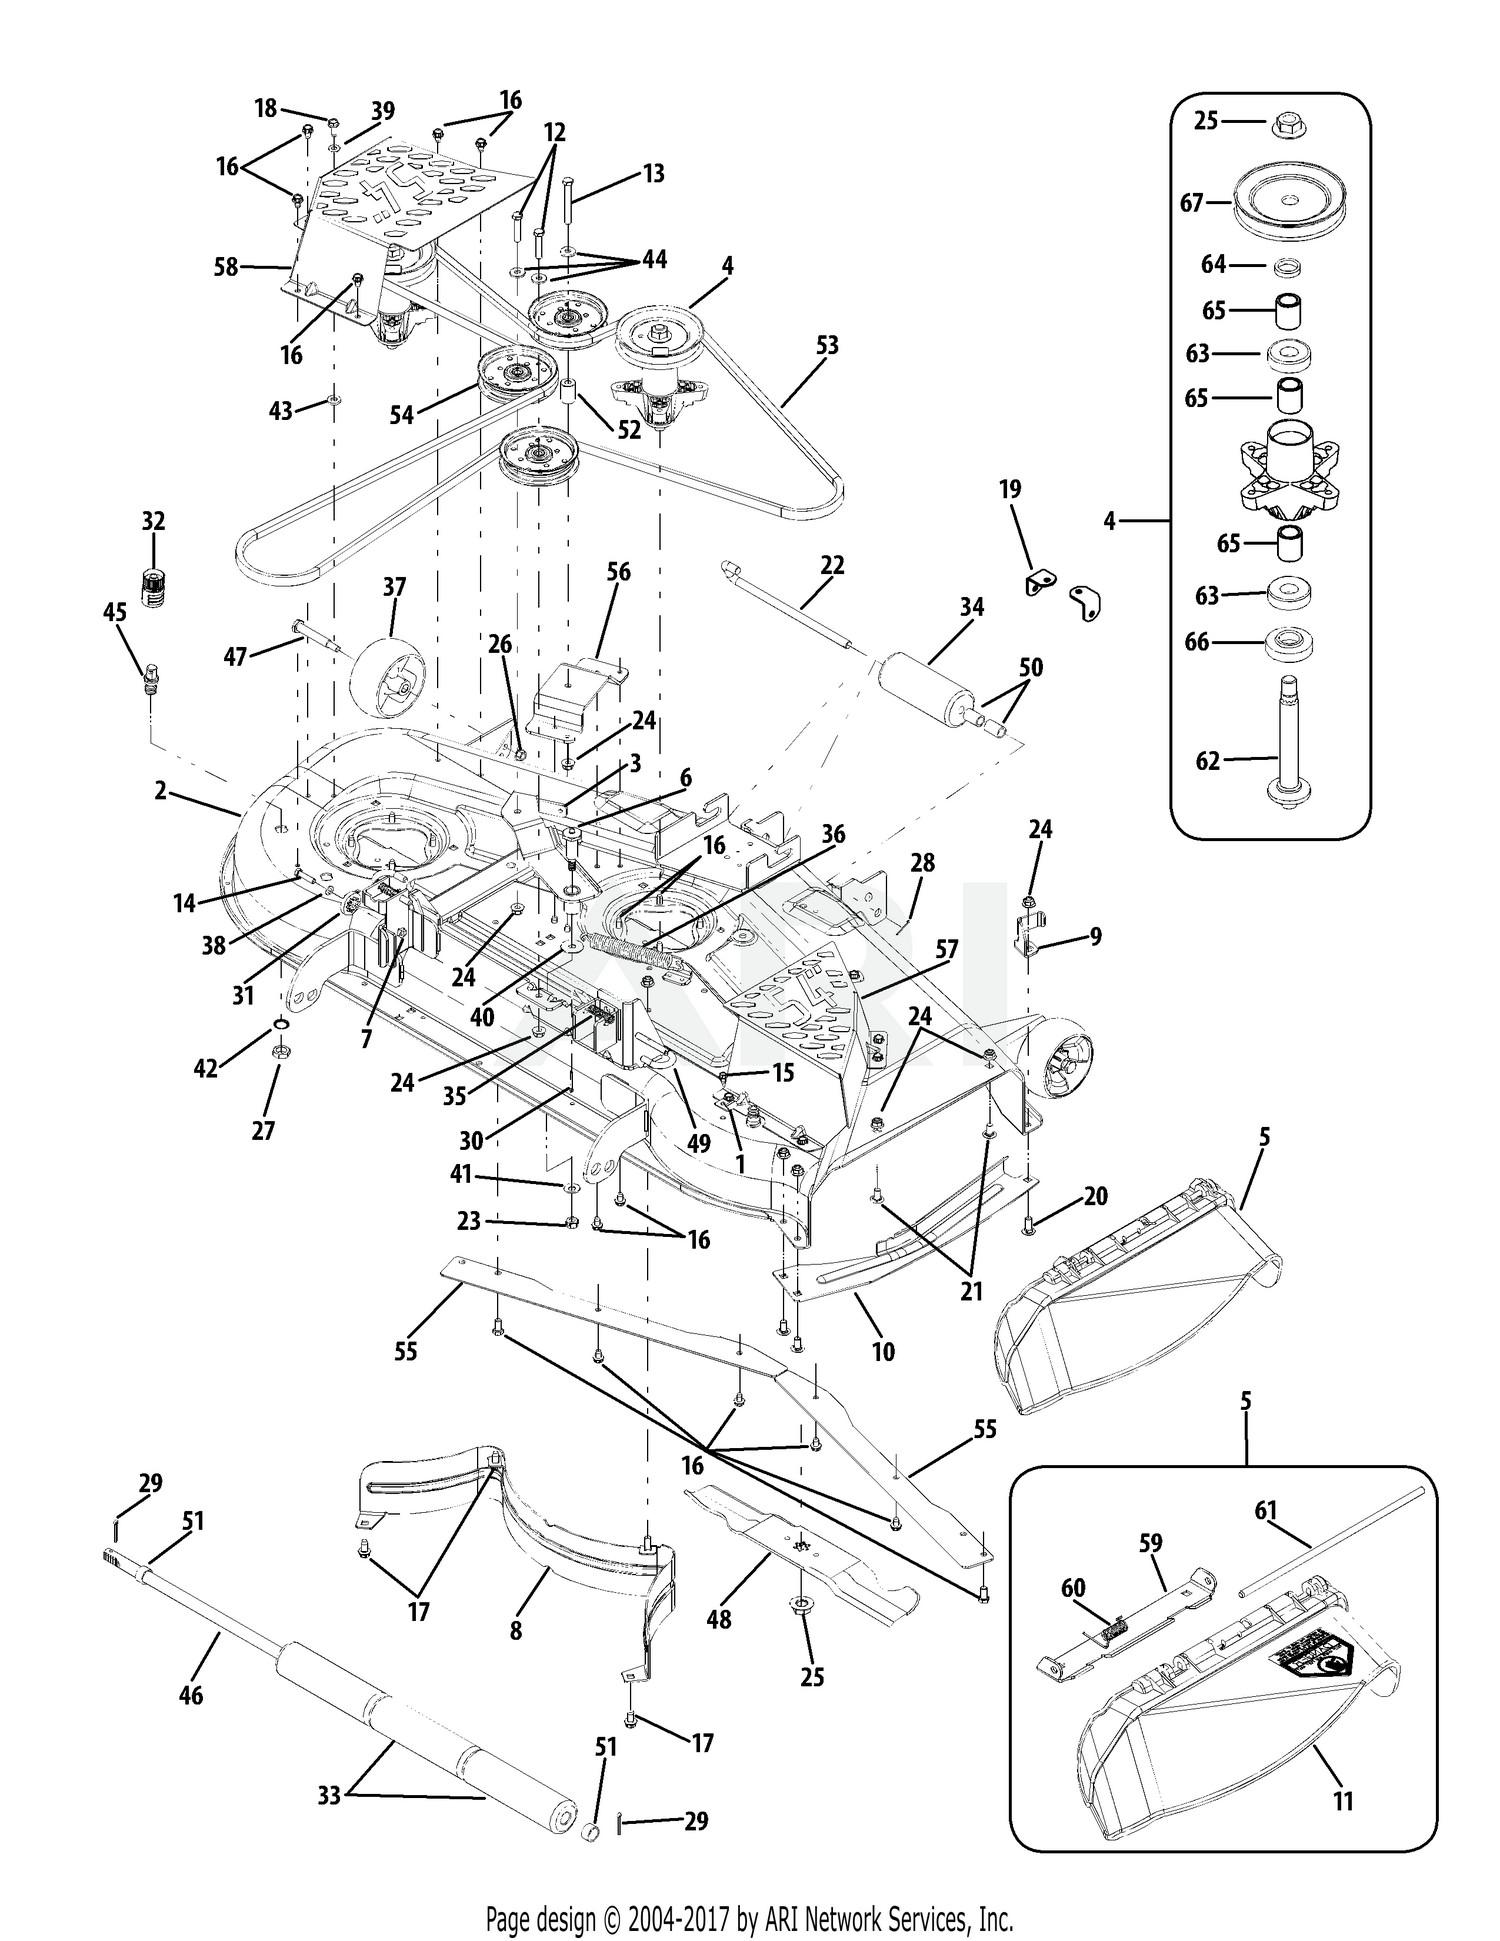 Cub Cadet Mower Deck Parts Diagram Diagrams Rzt54 Kawasaki 2009